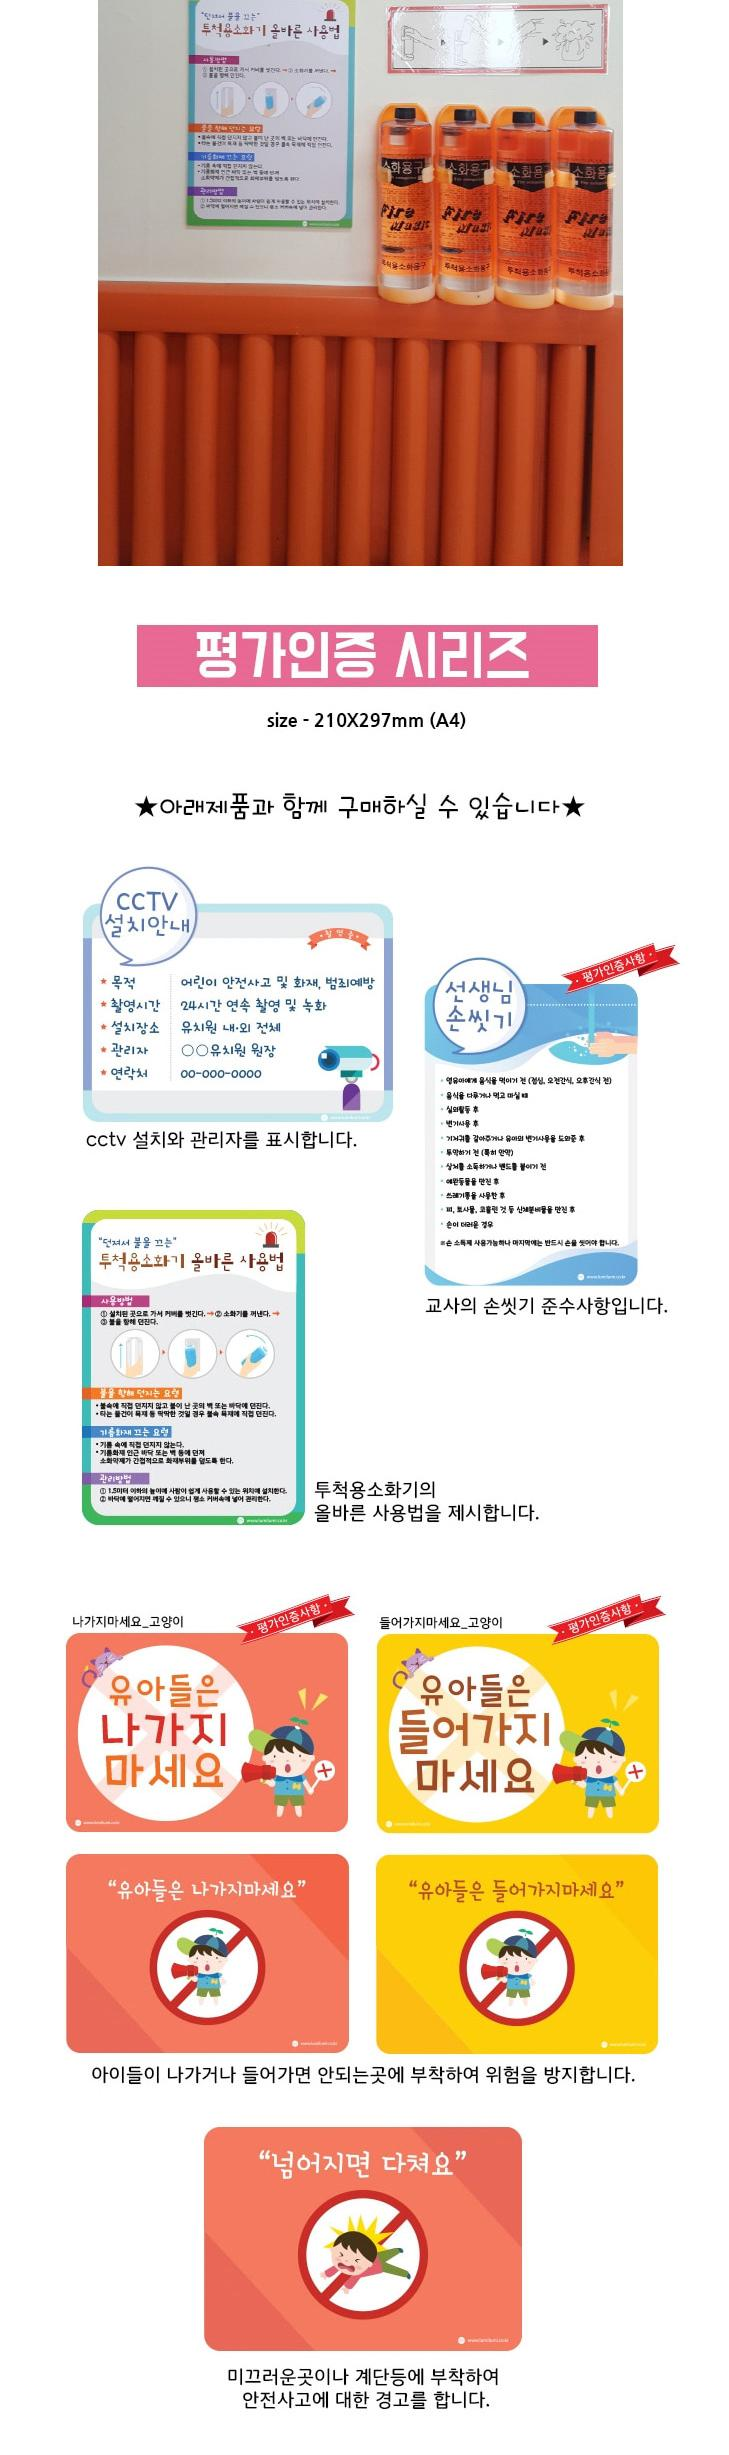 e03 루미루미 포맥스평가인증 투척용소화기 사용순서  투척용소화기순서판 학습용자석보드 학습자석보드 마그넷보드 환경구성판